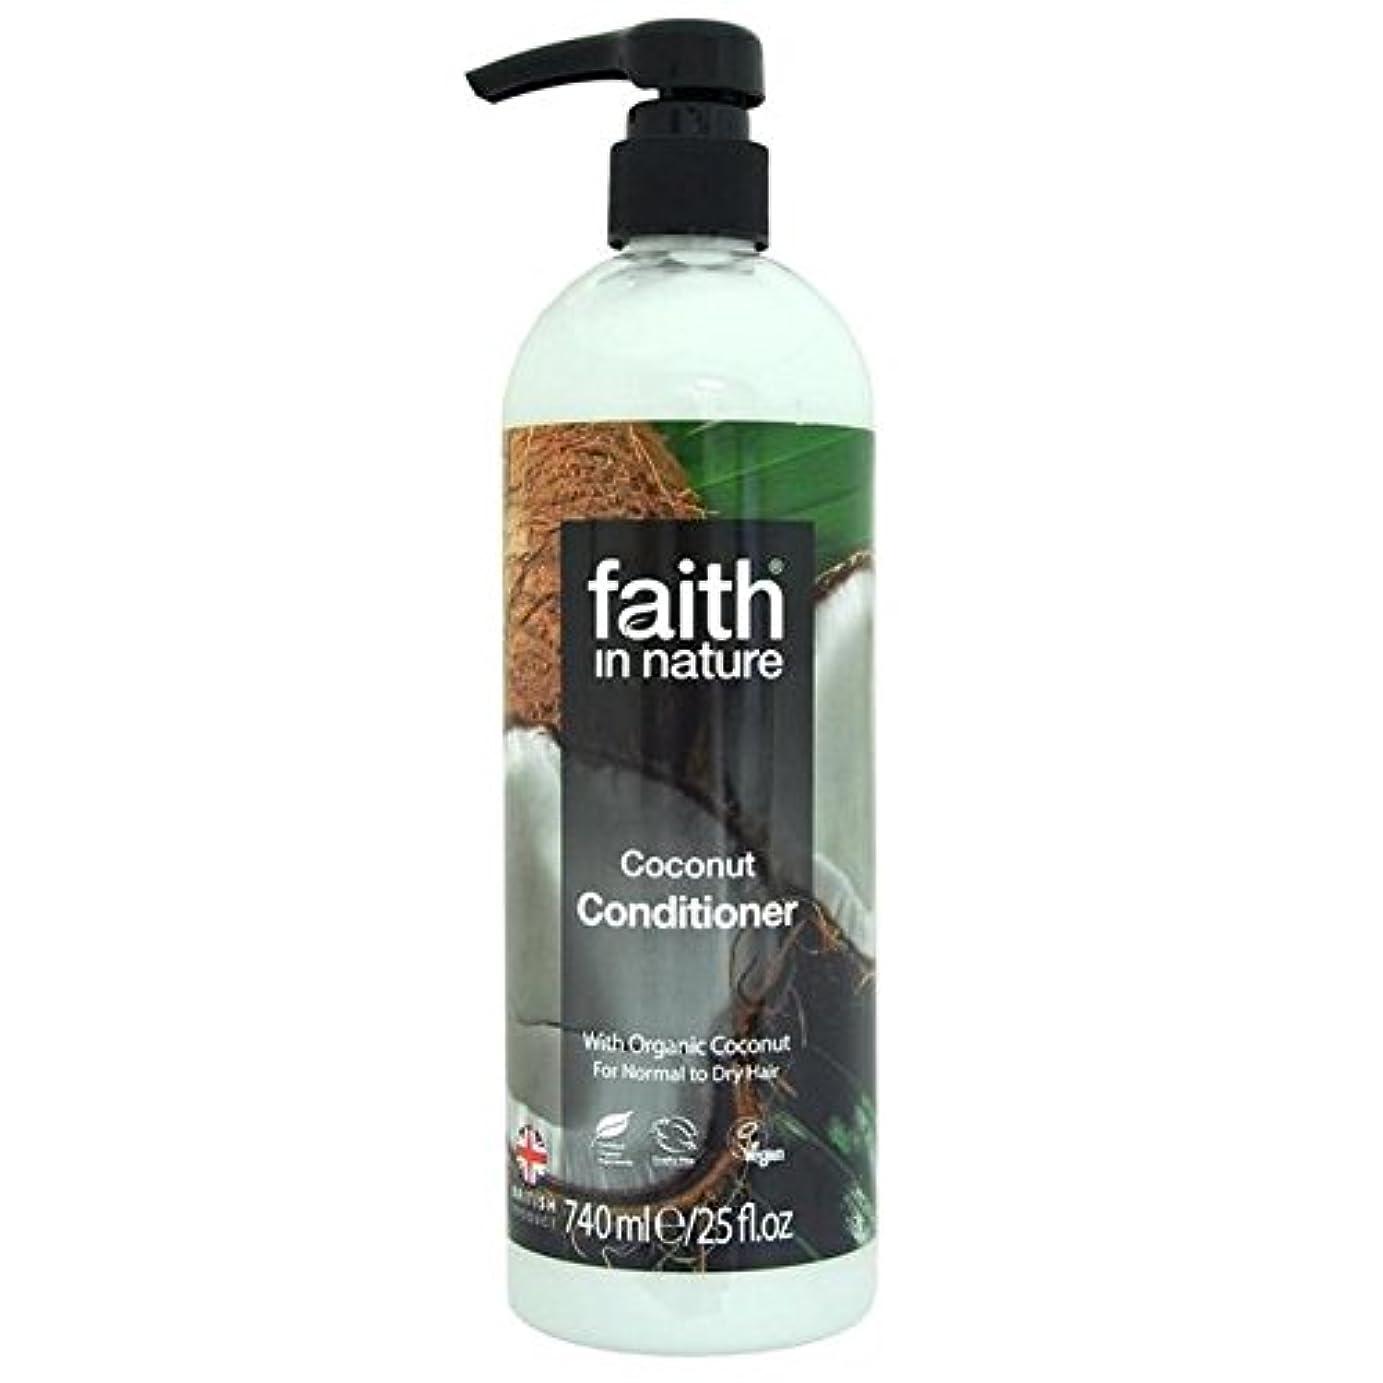 Faith in Nature Coconut Conditioner 740ml - (Faith In Nature) 自然ココナッツコンディショナー740ミリリットルの信仰 [並行輸入品]